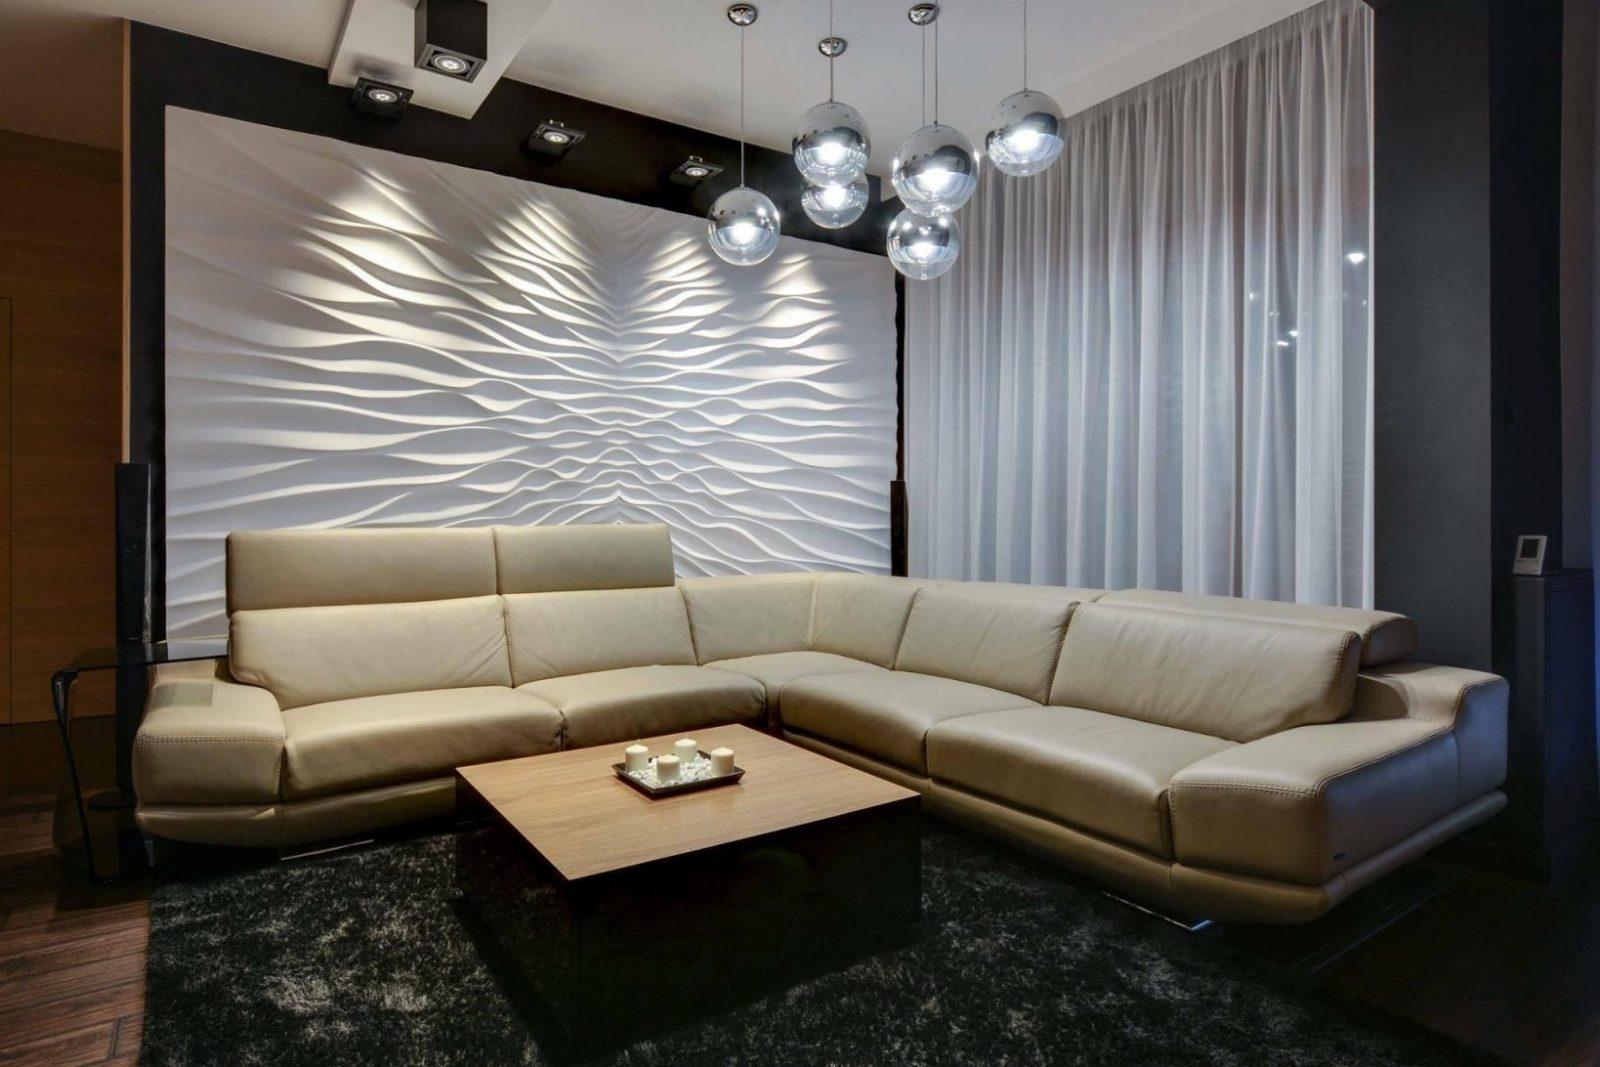 Wohnzimmer Wandgestaltung Die Schönsten Ideen von Wandgestaltung Mit Tapeten Wohnzimmer Photo